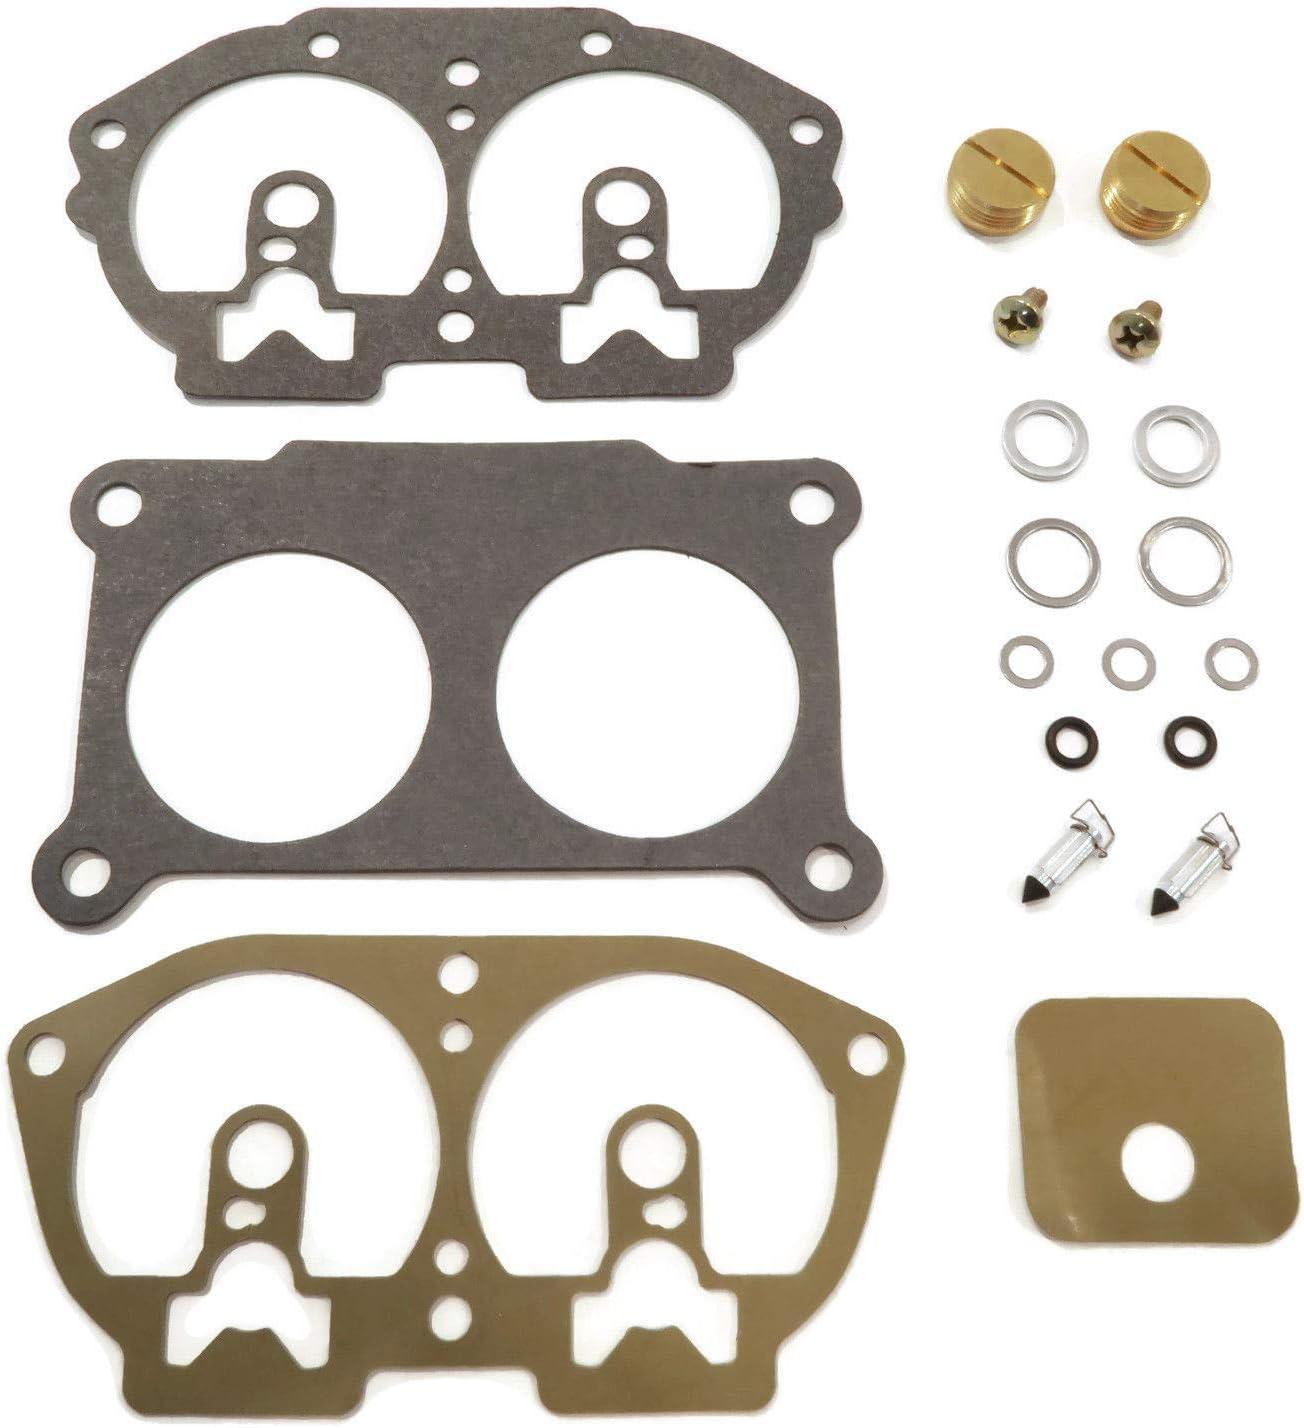 The ROP Shop | Carburetor Repair Kit Includes Clips, Valve Needles, Pilot Jet Plugs, Gaskets